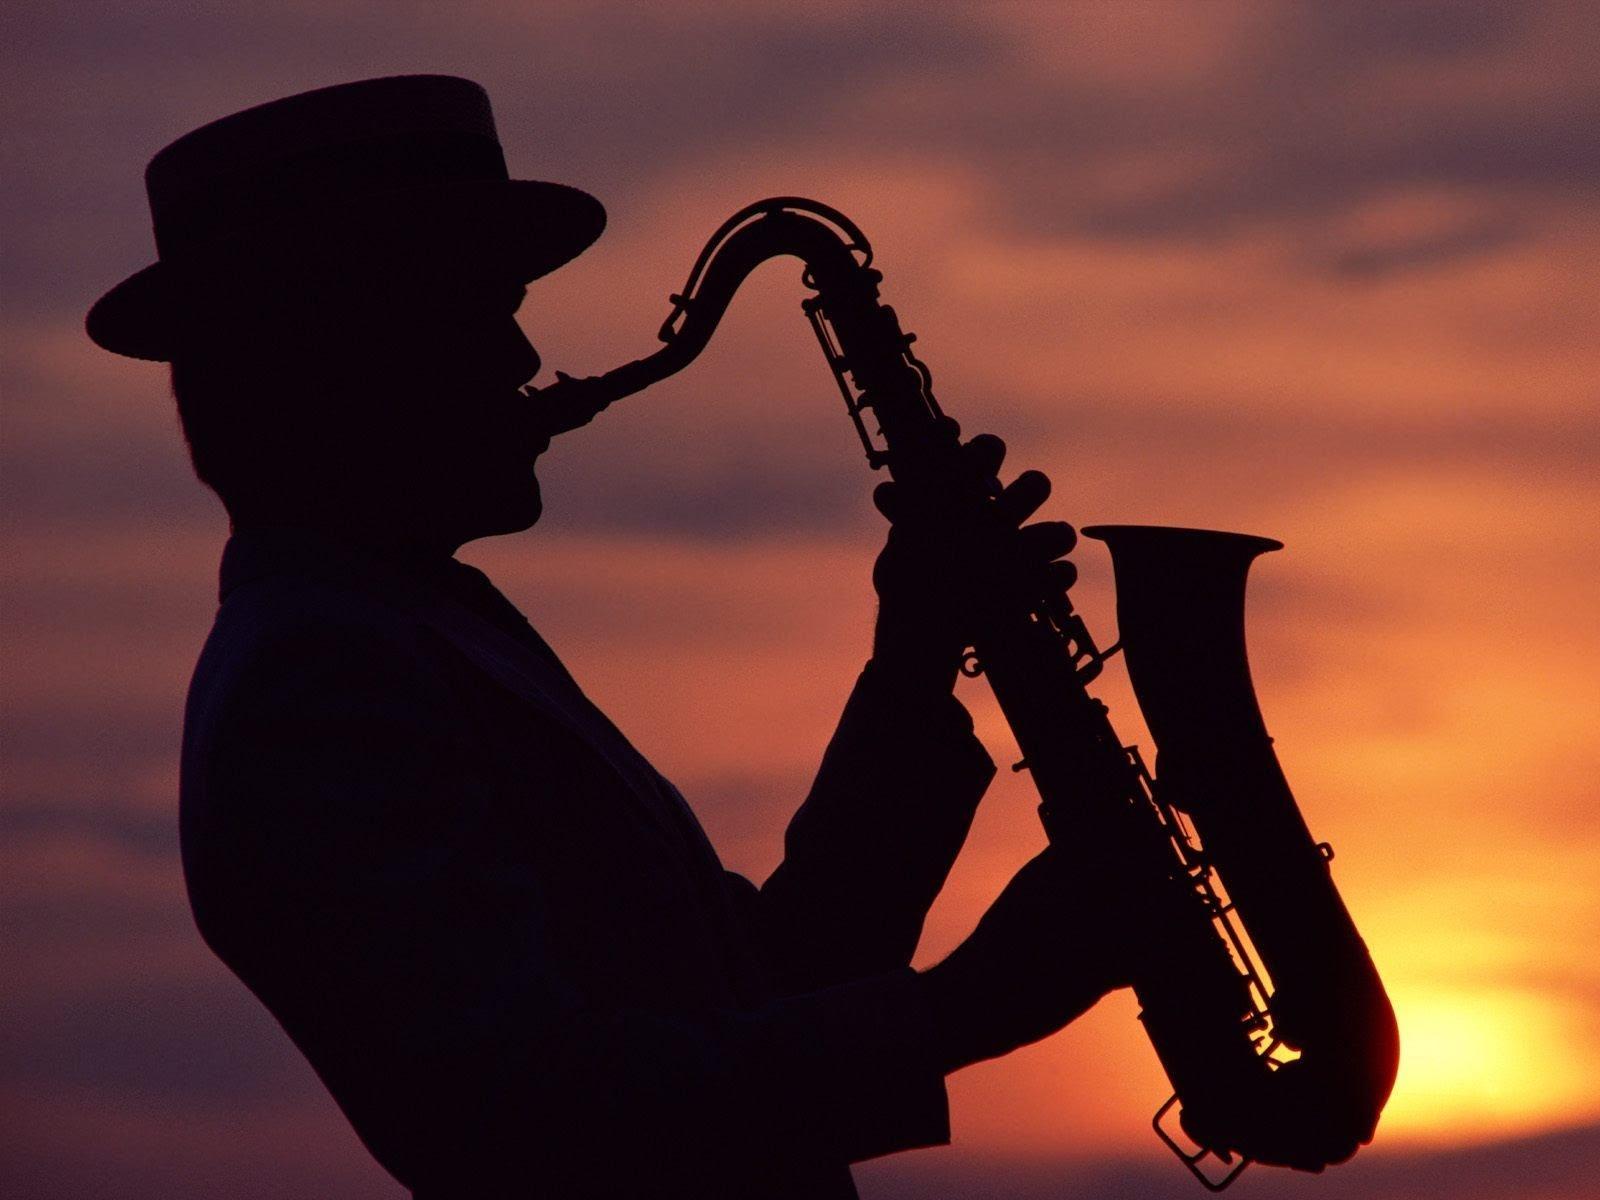 Міжнародний день джазу: глобальний концерт онлайн - музика, концерт, джаз - dzhaz